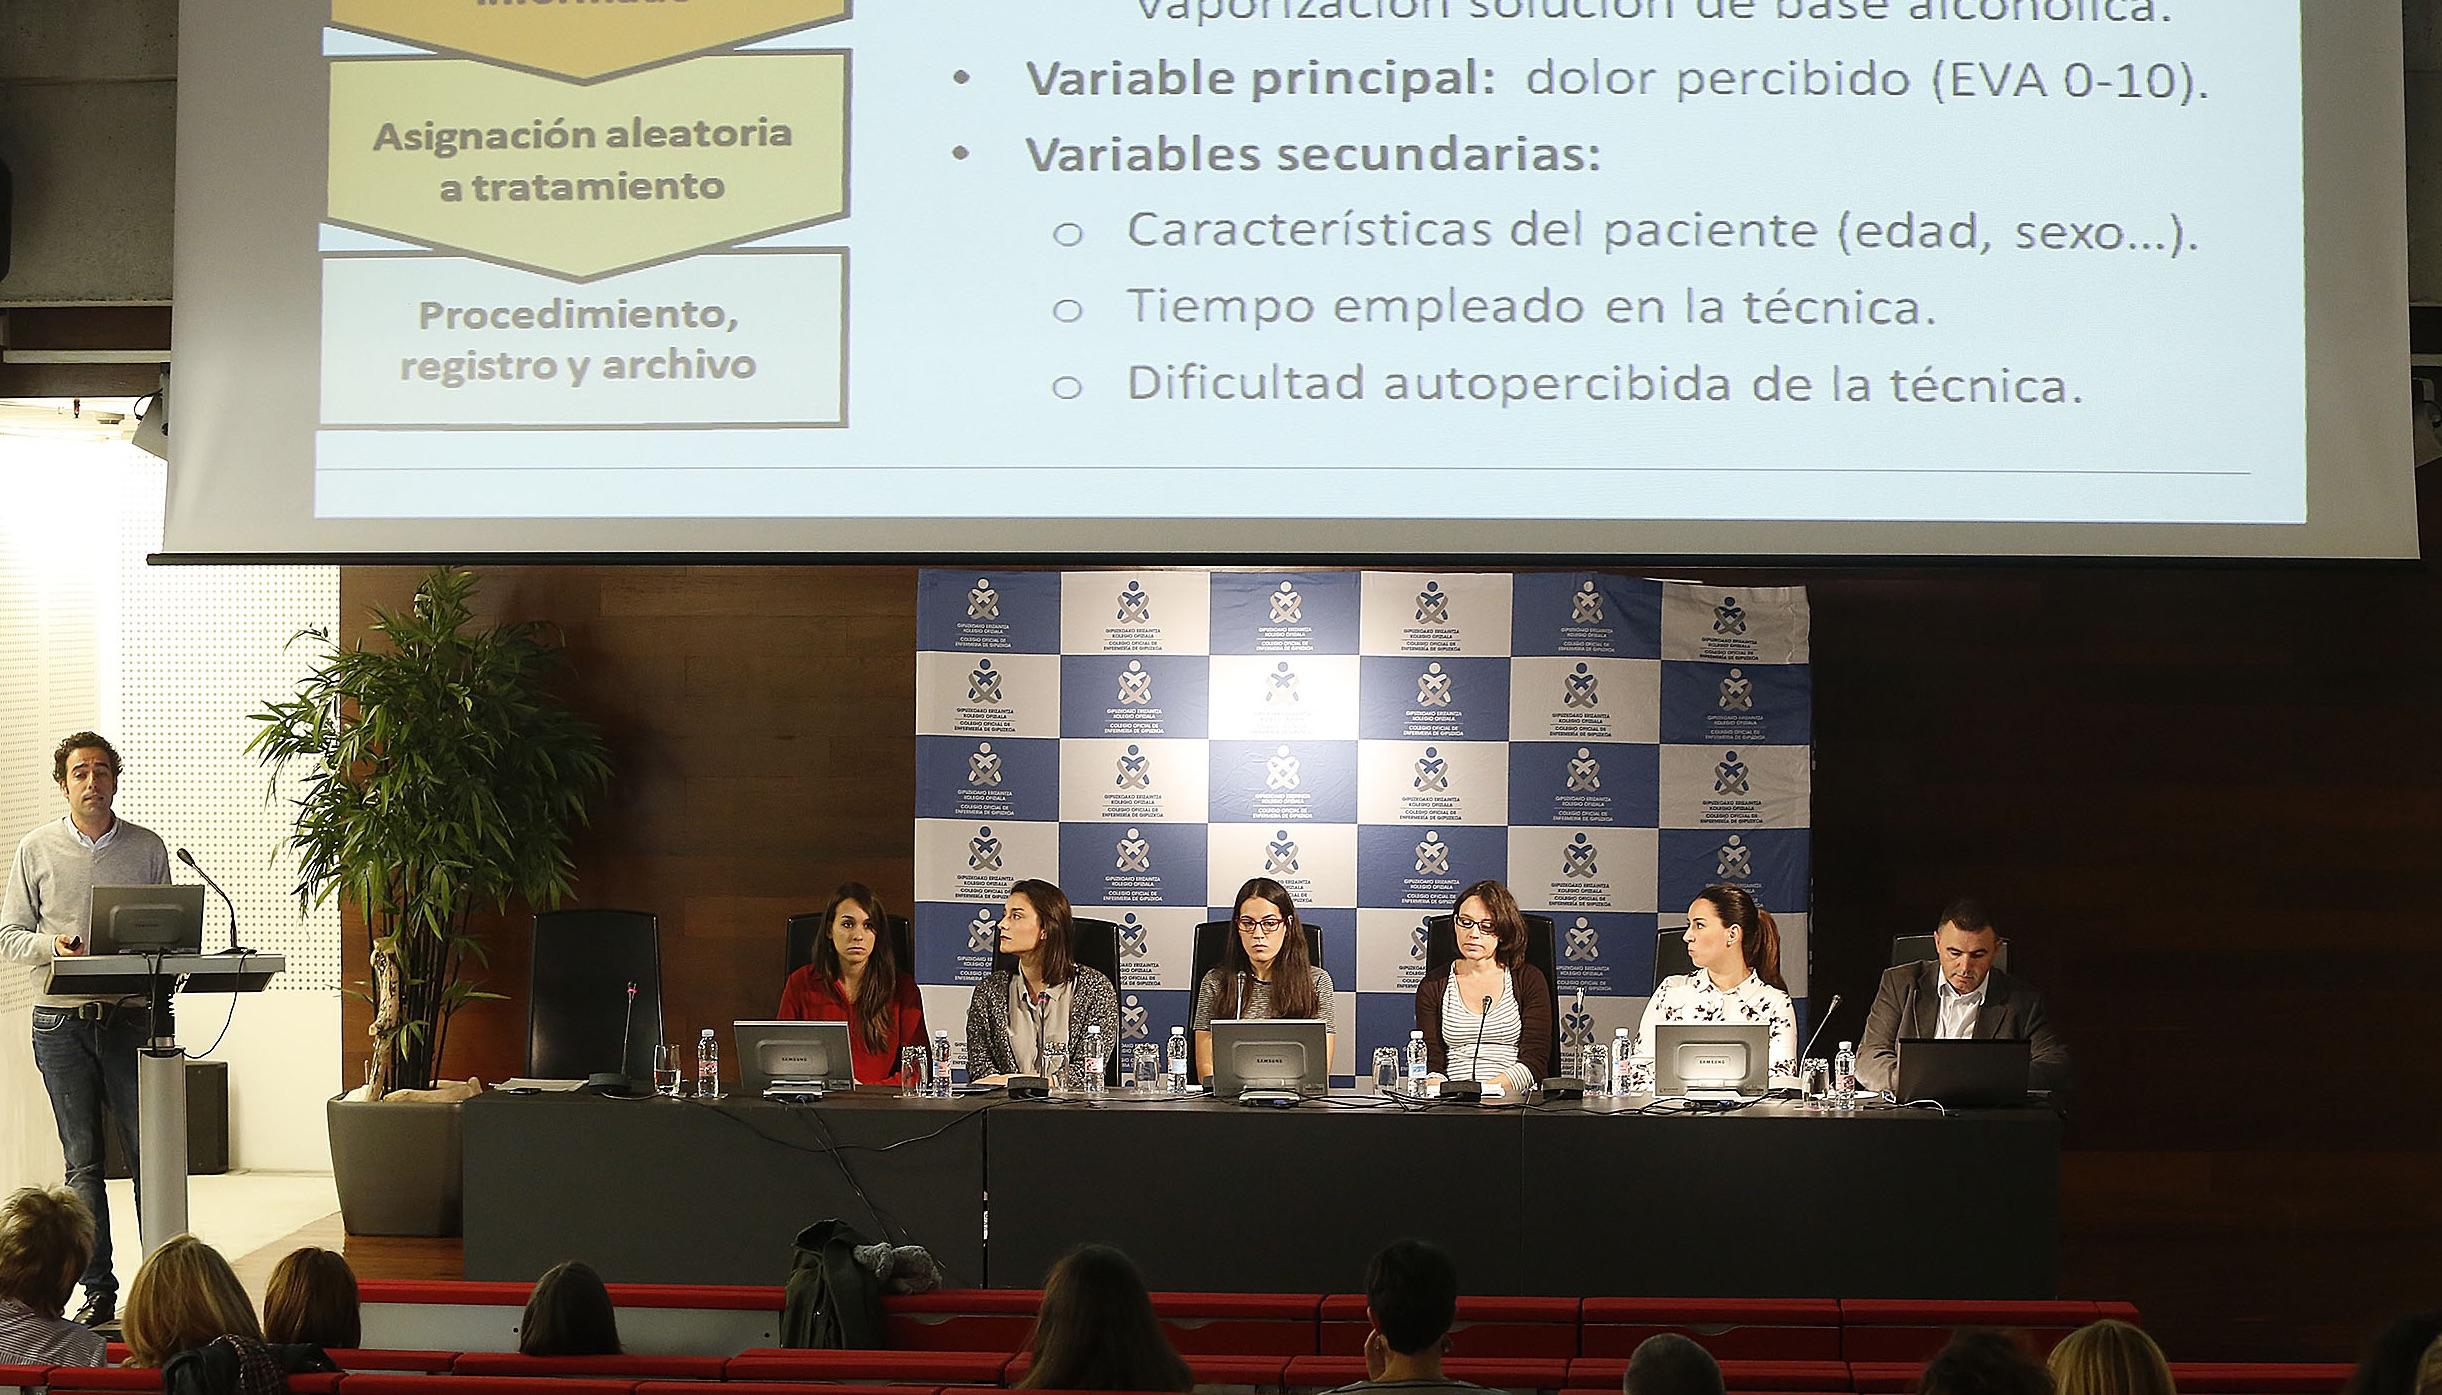 El Colegio de Enfermería de Guipúzcoa organiza la jornada sobre investigación enfermera